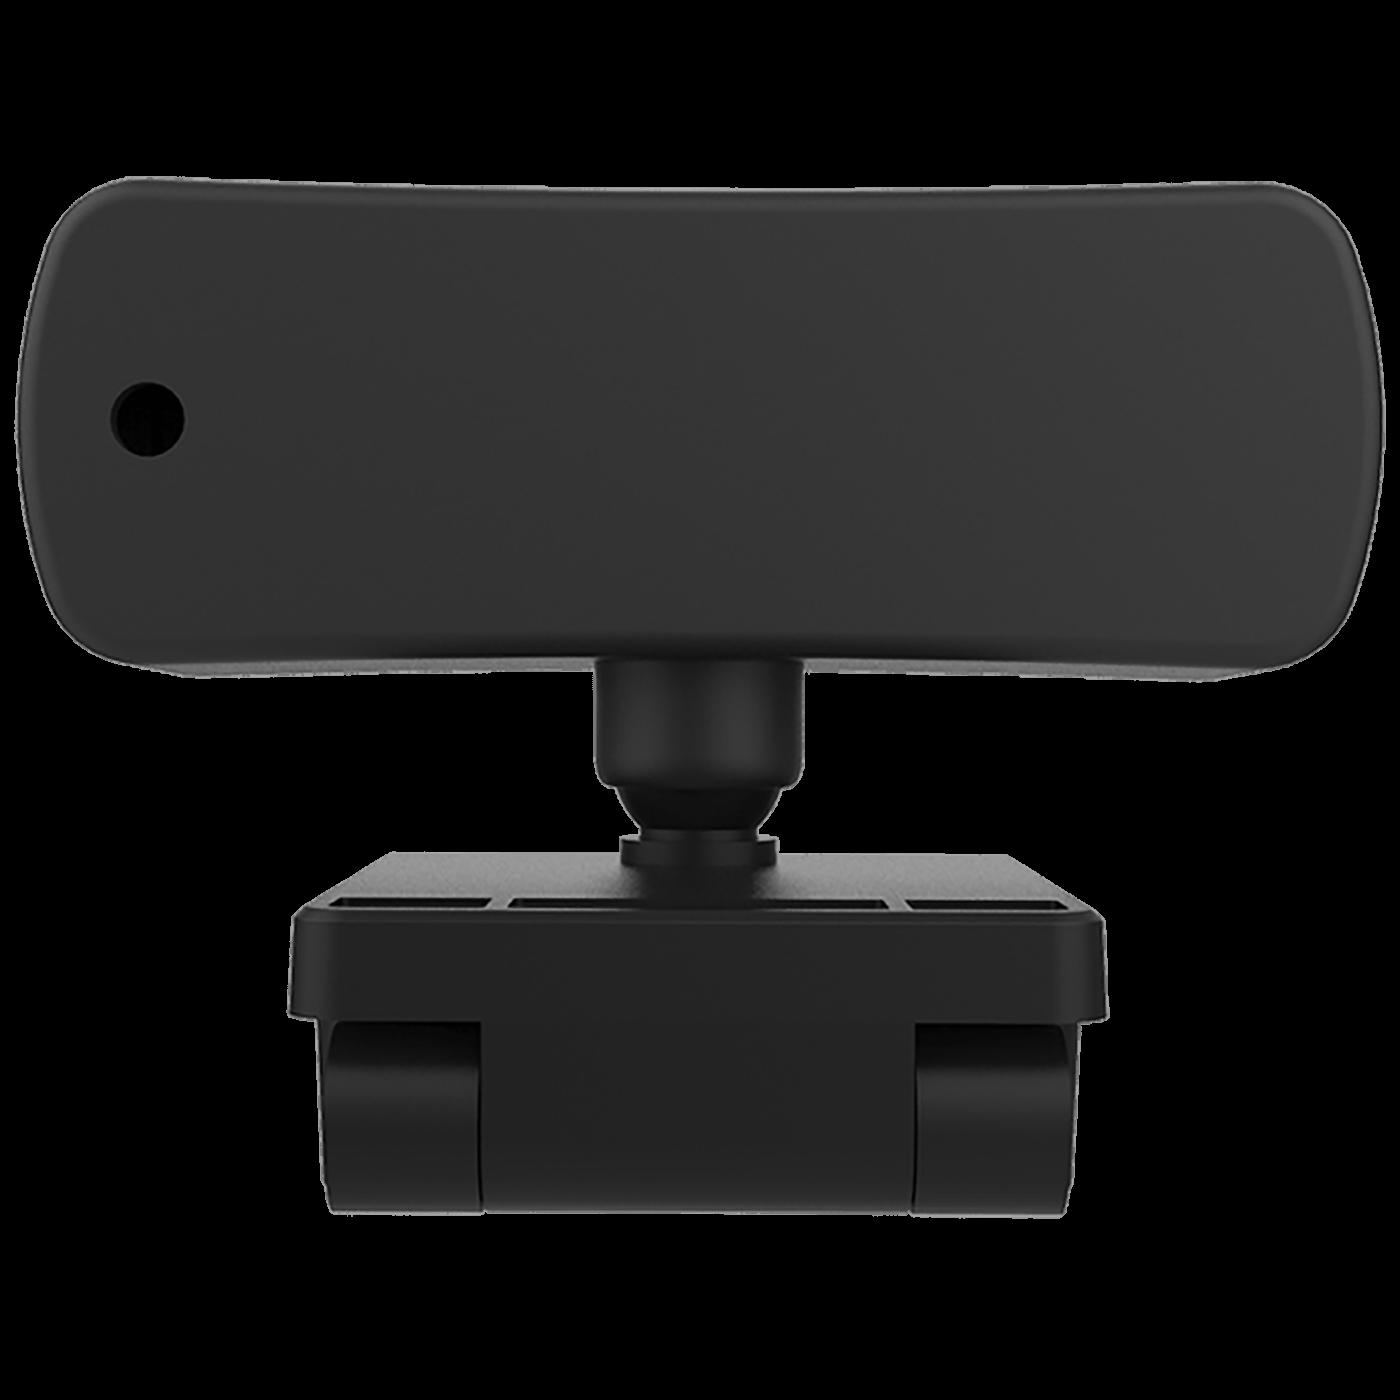 Web kamera, 4 Mpixel, USB